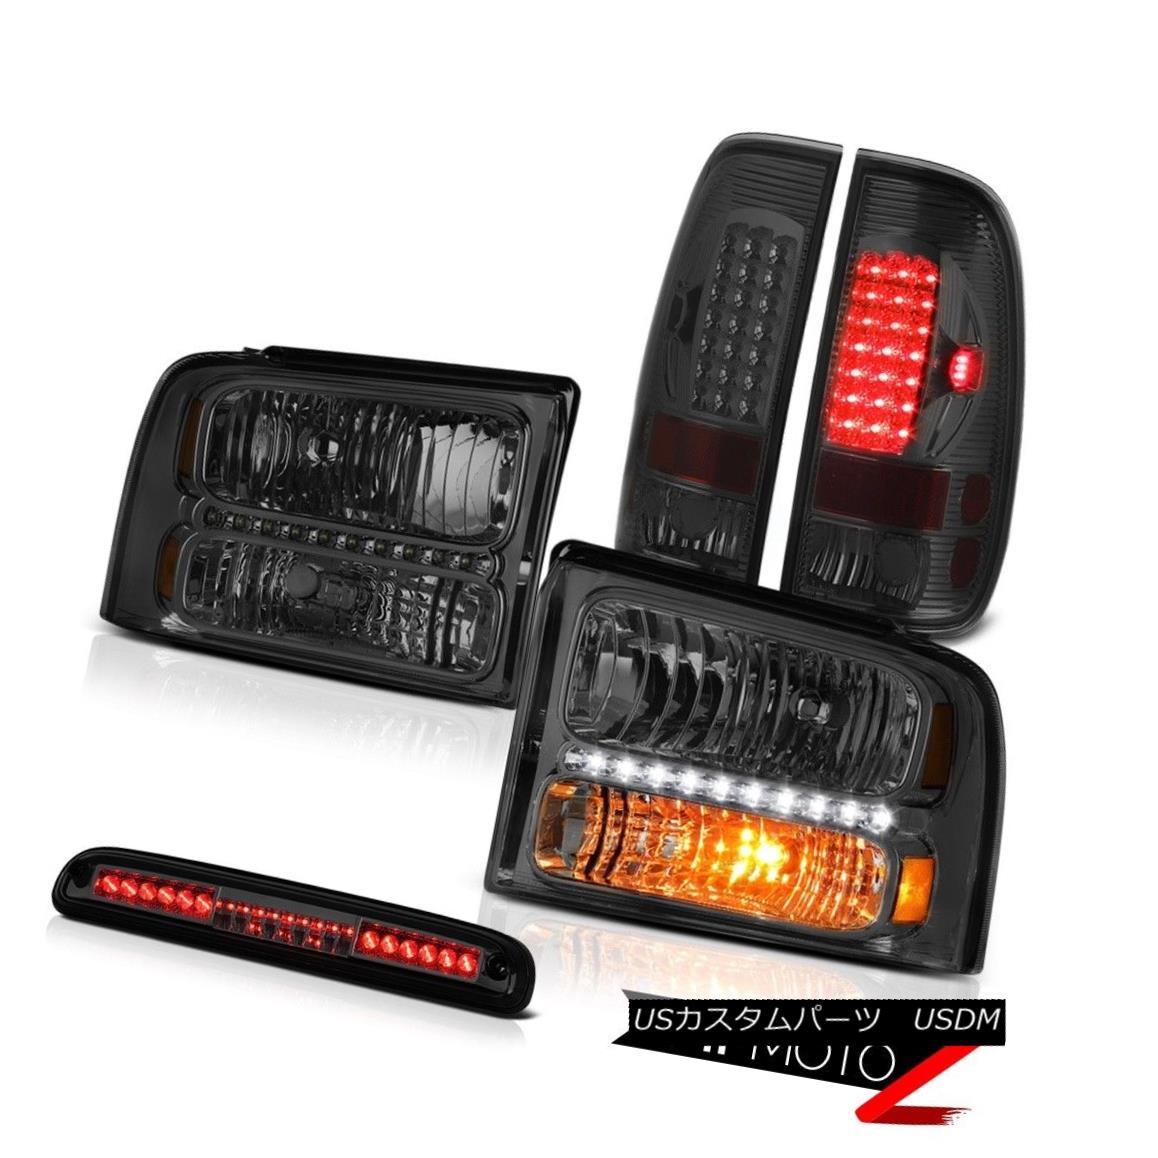 ヘッドライト Front Crystal Headlights Smoked LED Taillamps Smoke 3rd Brake 05 06 07 Ford F550 フロントクリスタルヘッドライトスモークLEDタイルランプスモークサードブレーキ05 06 07 Ford F550